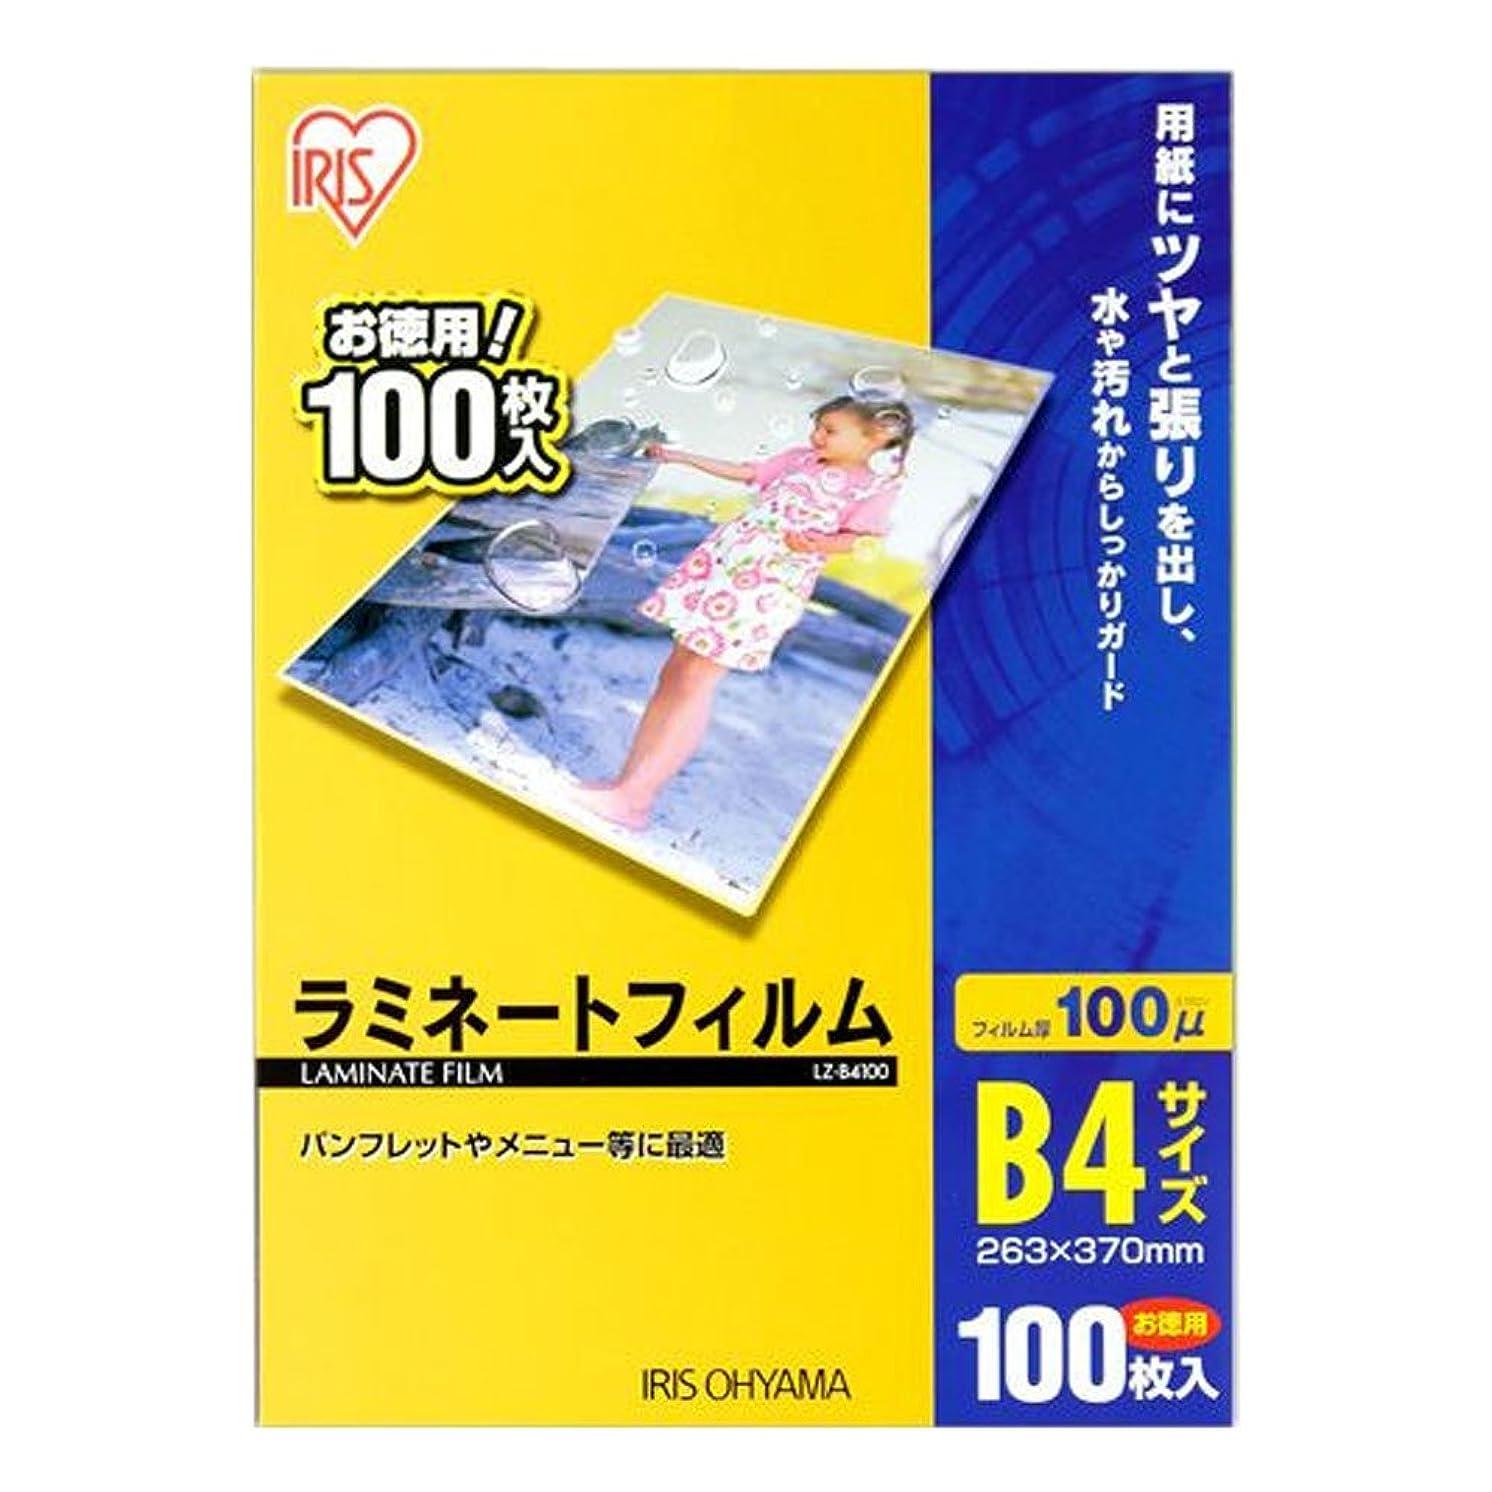 メイド用語集固めるアイリスオーヤマ ラミネートフィルム 片面マット 100μm A4 サイズ 100枚入 LZM-A4100